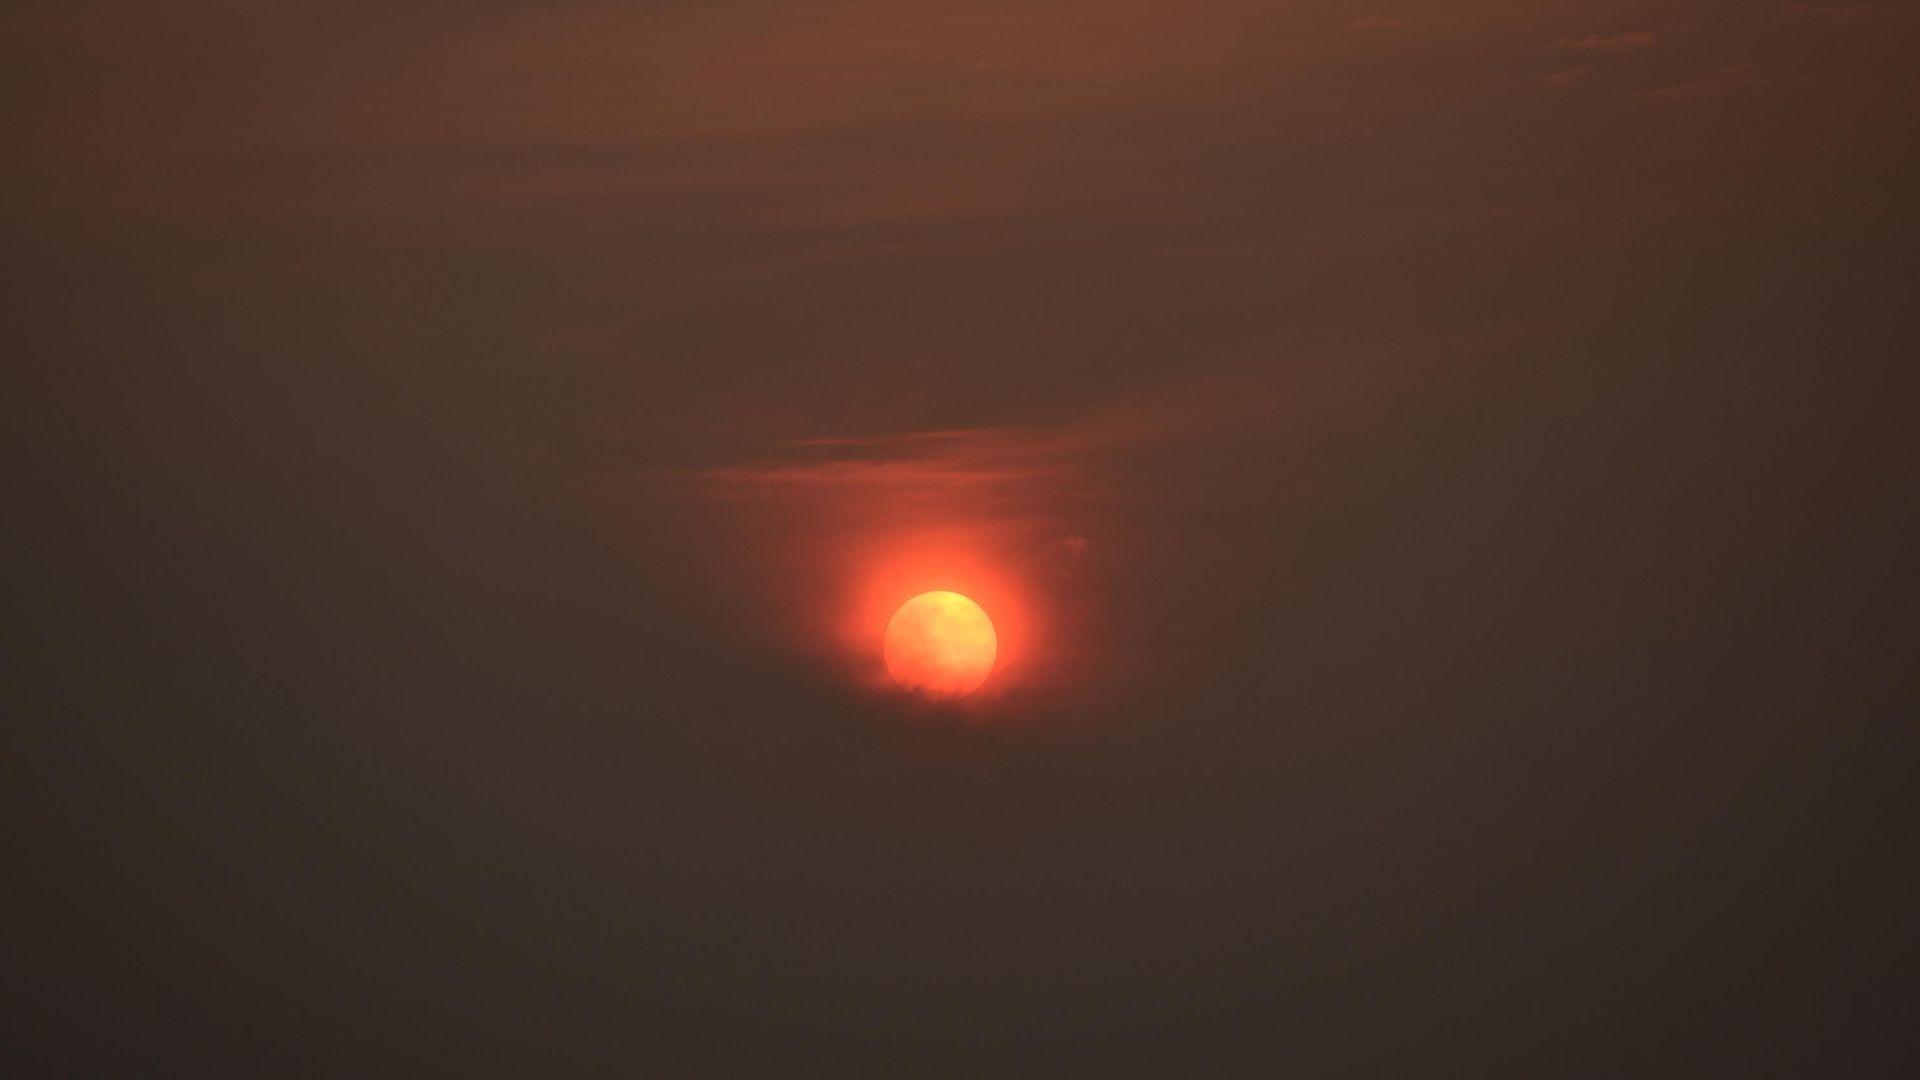 PASSO FUNDO,RS,11.09.2020:PÔR-SOL - Pôr do sol visto do centro de Passo Fundo (RS), nesta sexta-feira (11). O Estado do Rio Grande do Sul é o mais afetado pela fumaça das queimadas no Pantanal. Há também focos de queimadas no próprio Estado, Uruguai e Argentina. (Foto: Diogo Zanatta/Futura Press/Folhapress)